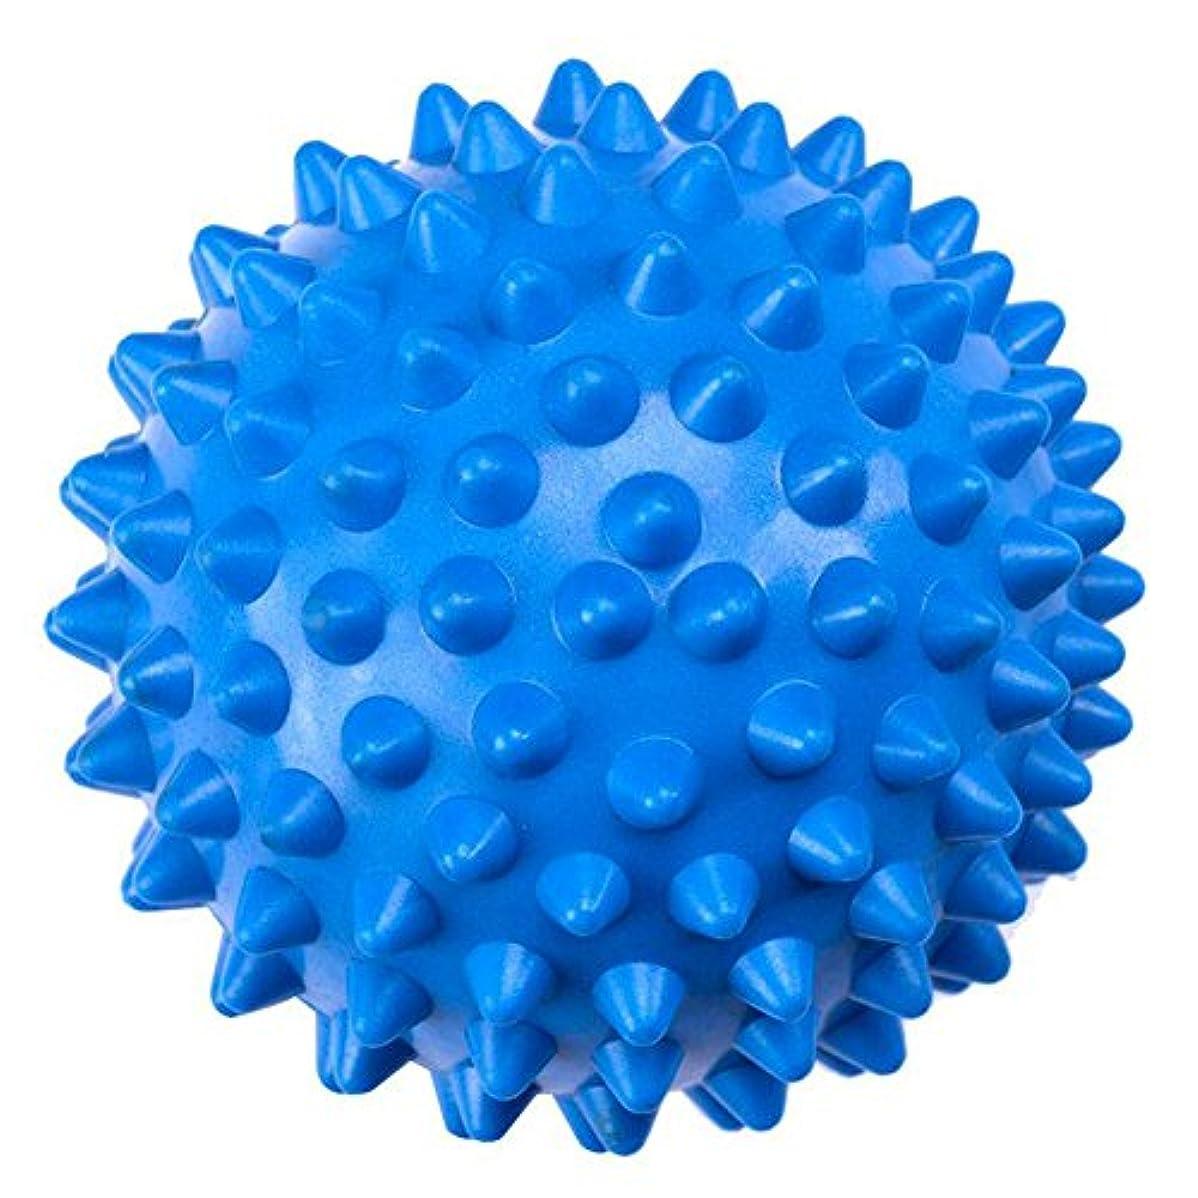 ルアー同意貧しいHiCollie マッサージボール 触覚ボール リフレックスボール トレーニングボール ポイントマッサージ 筋筋膜リリース 筋肉緊張和らげ 血液循環促進 6cm